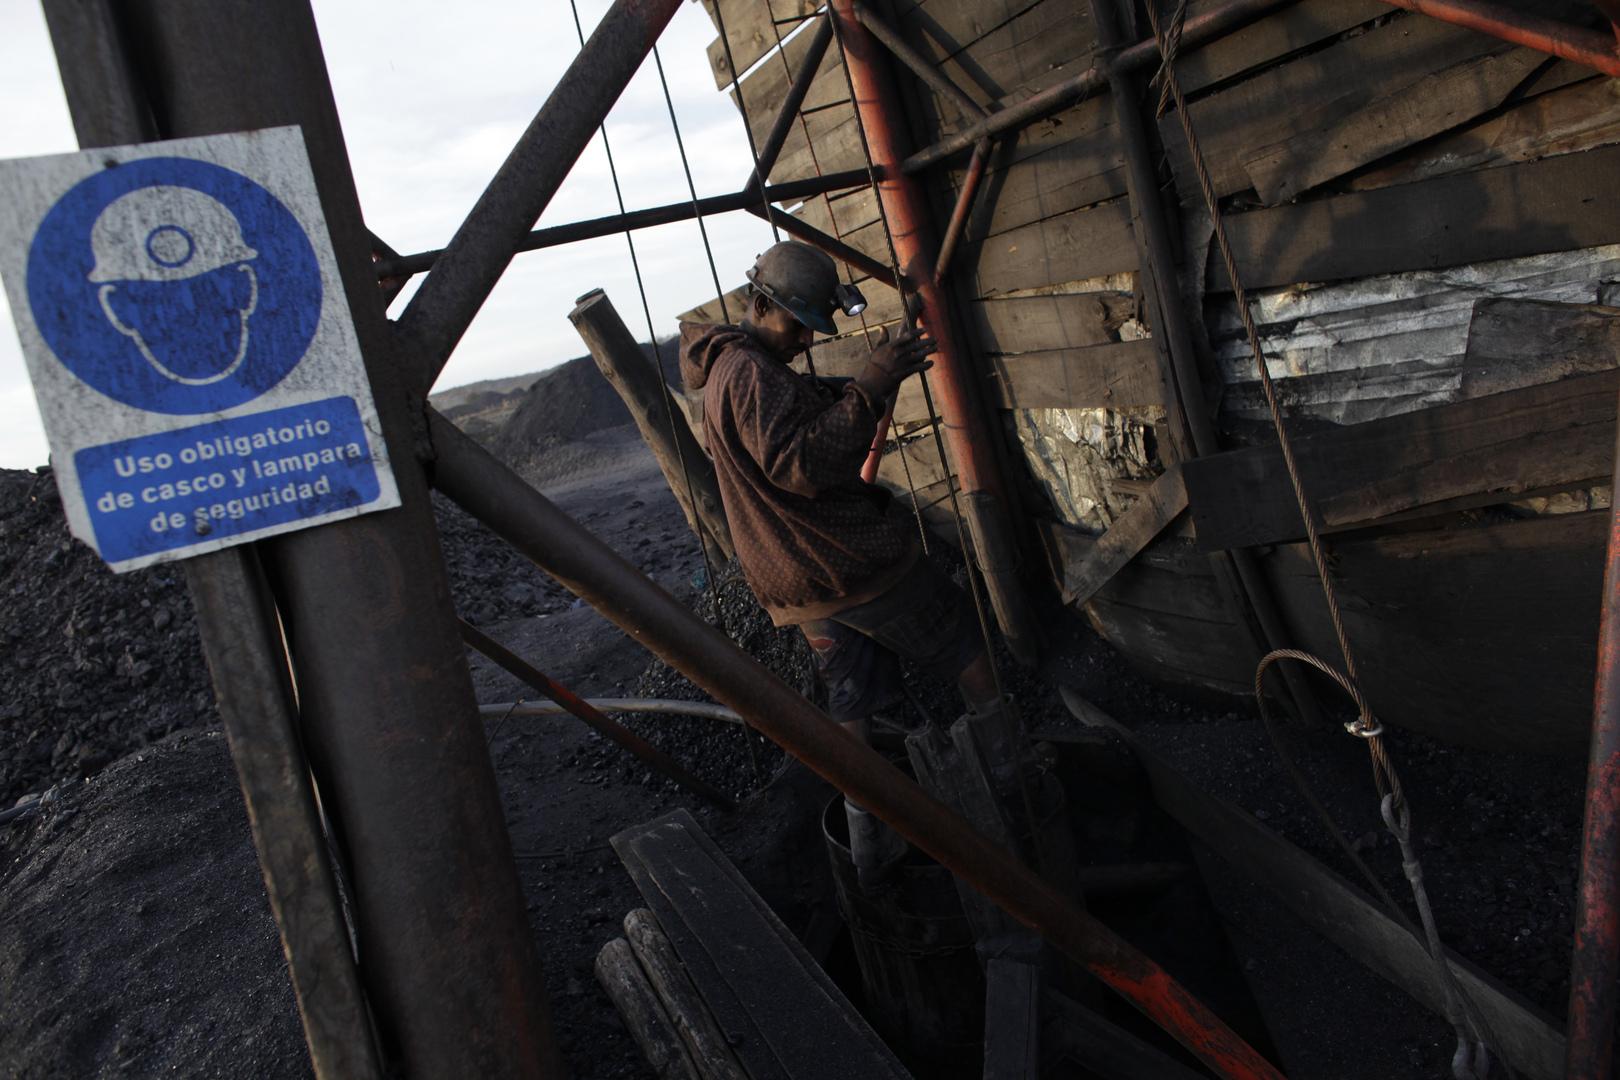 المكسيك.. قتيل و6 مفقودين بانهيار منجم للفحم شمالي البلاد